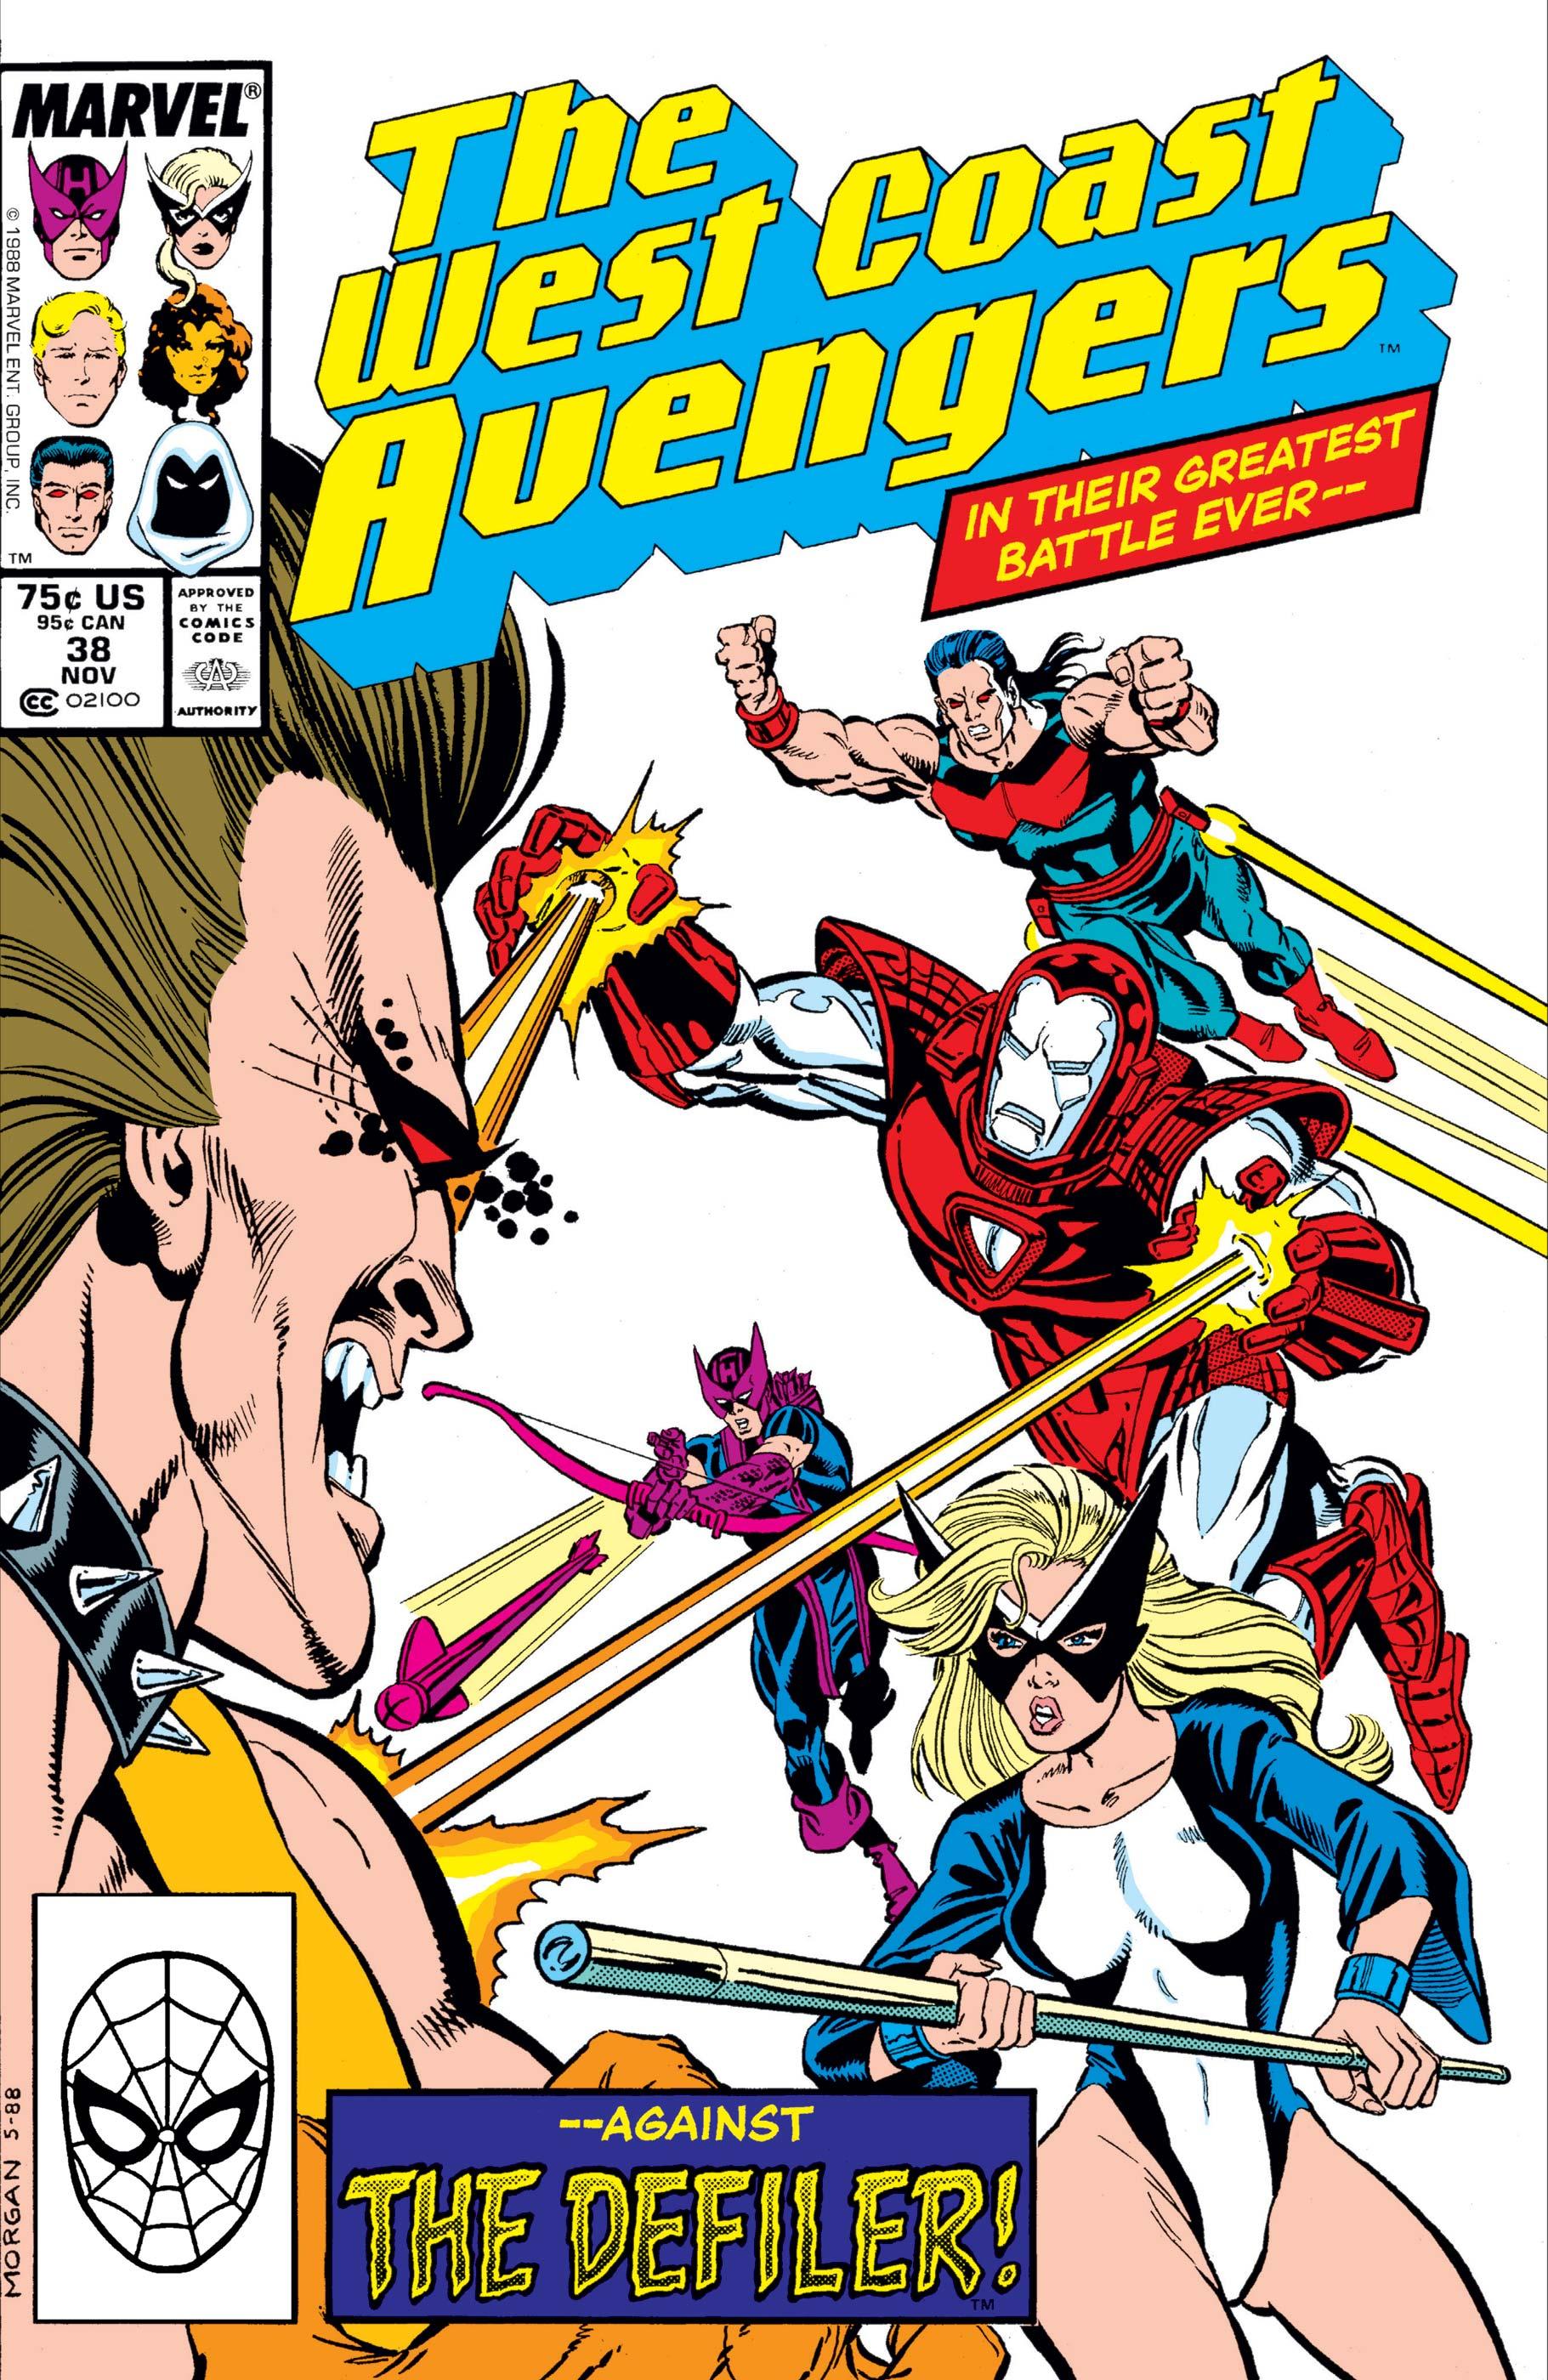 West Coast Avengers (1985) #38